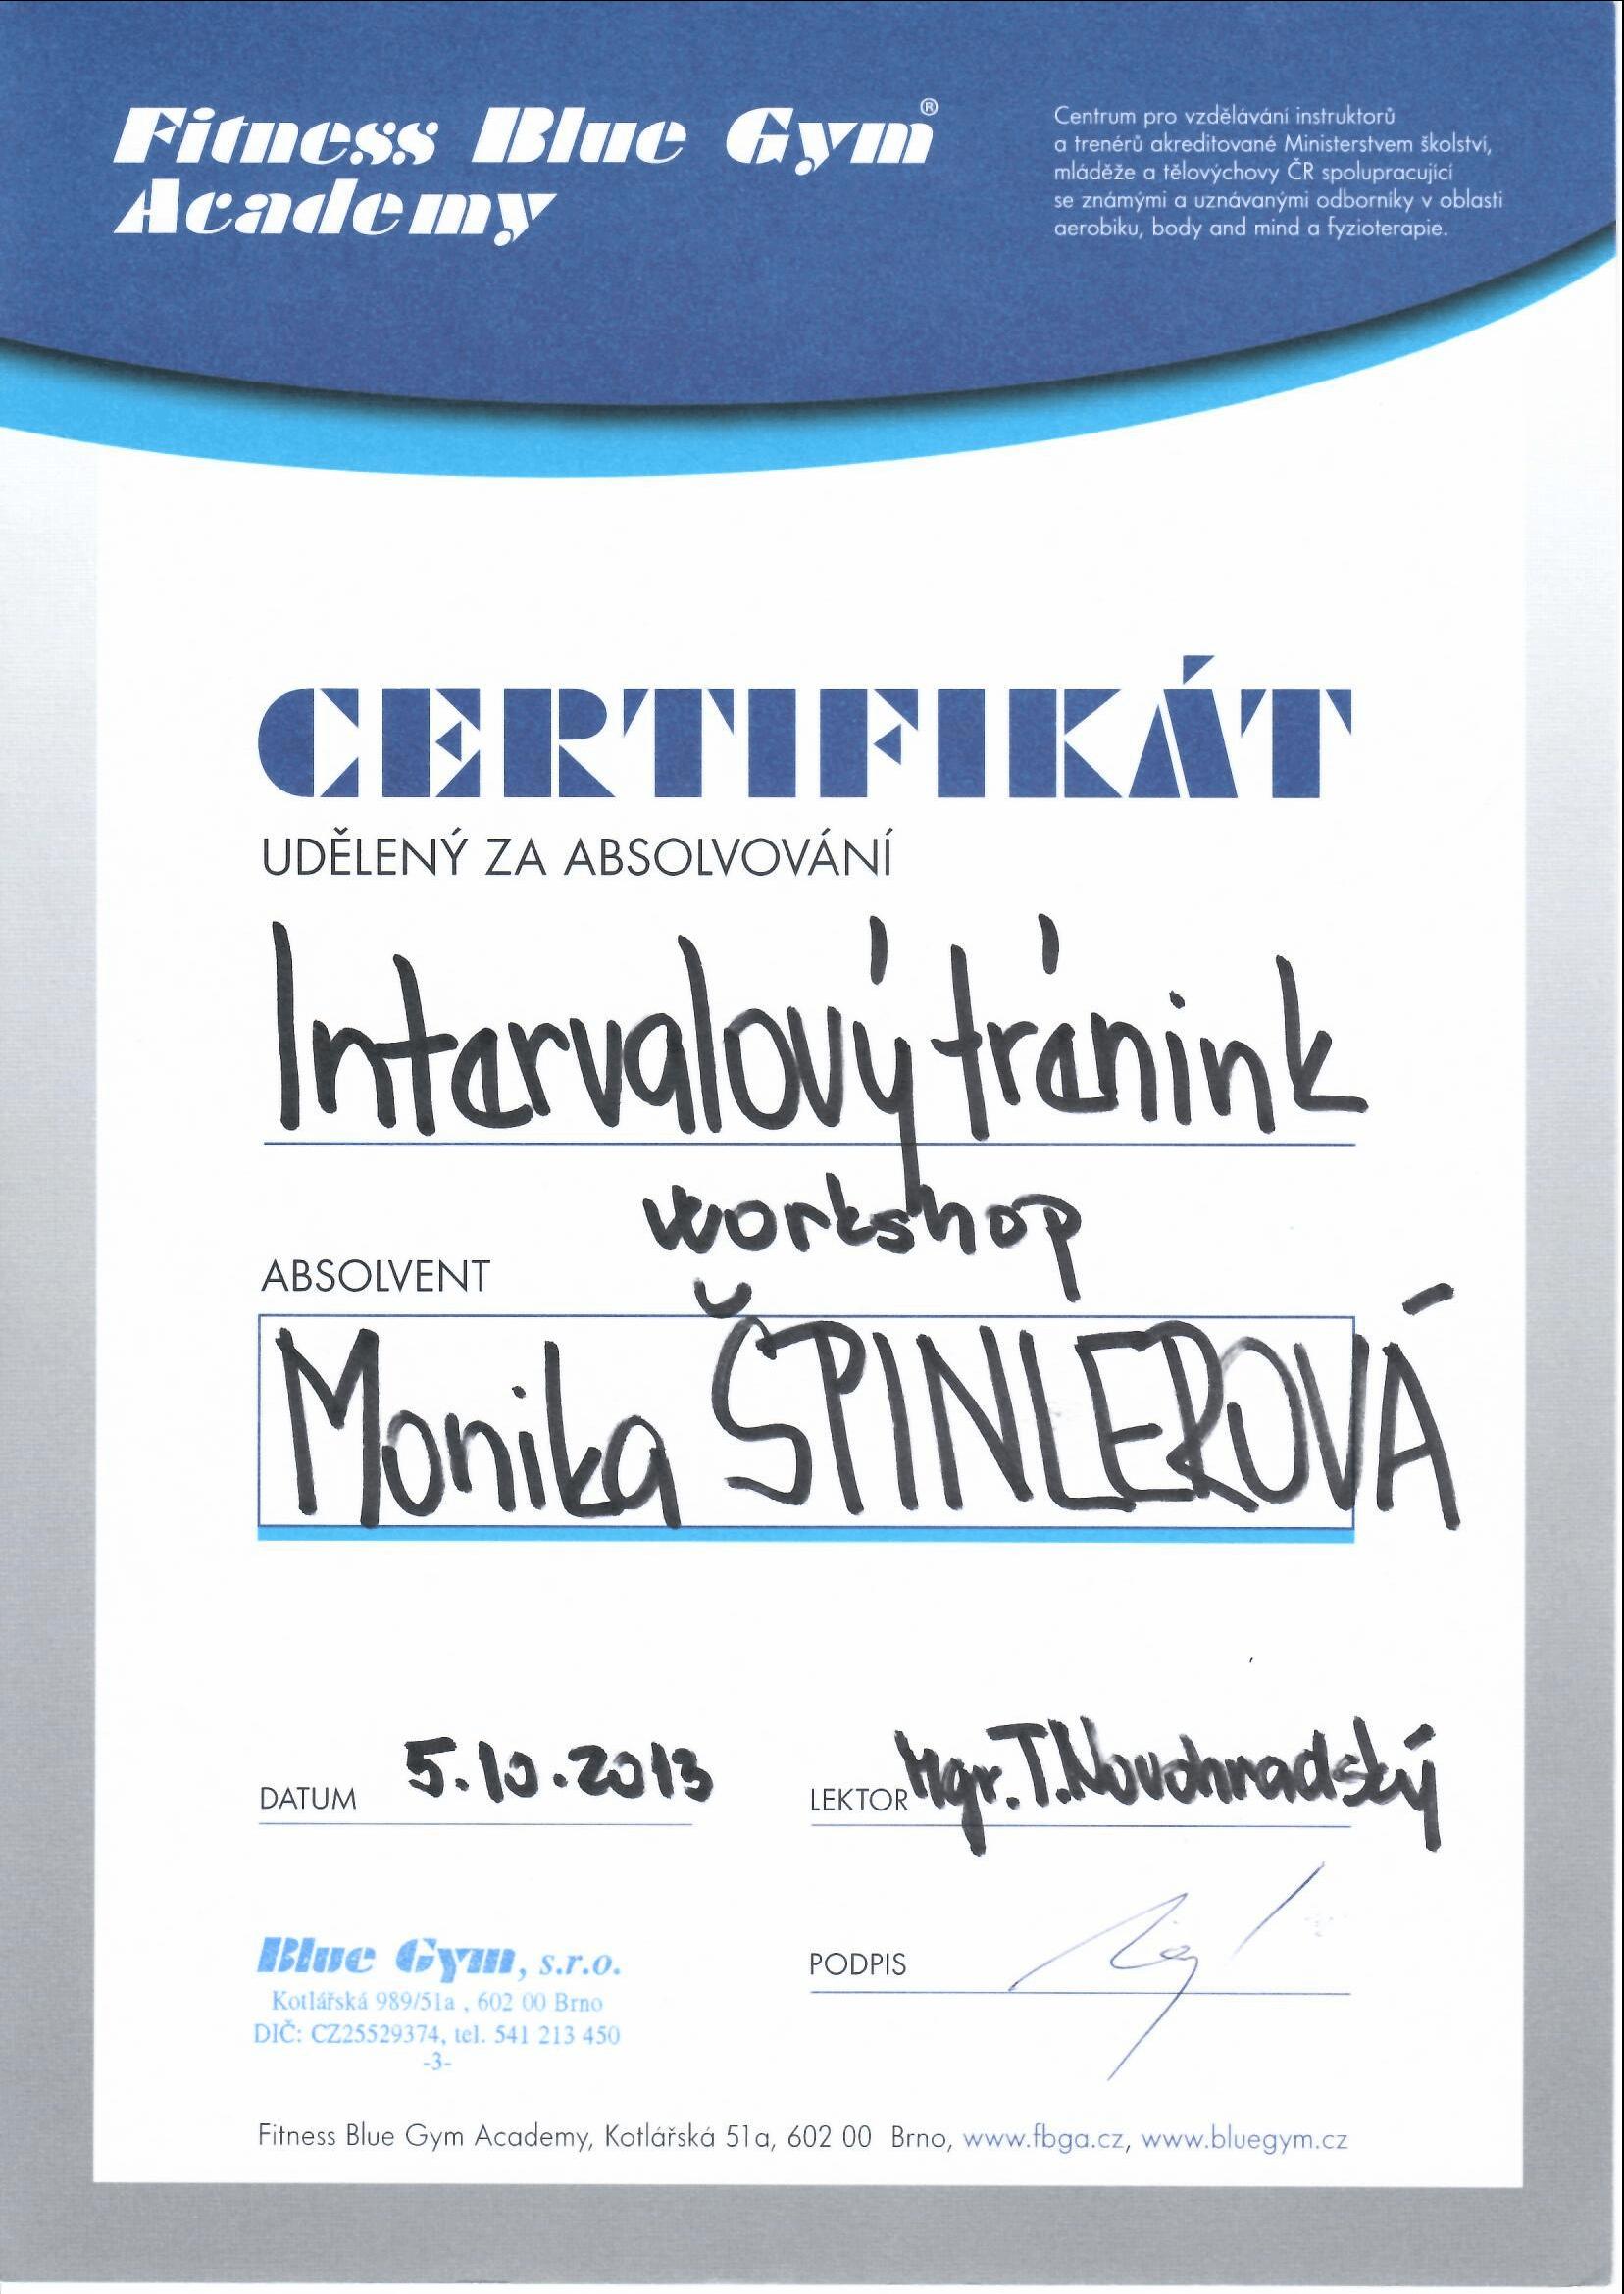 Certifikát intervalový trénink